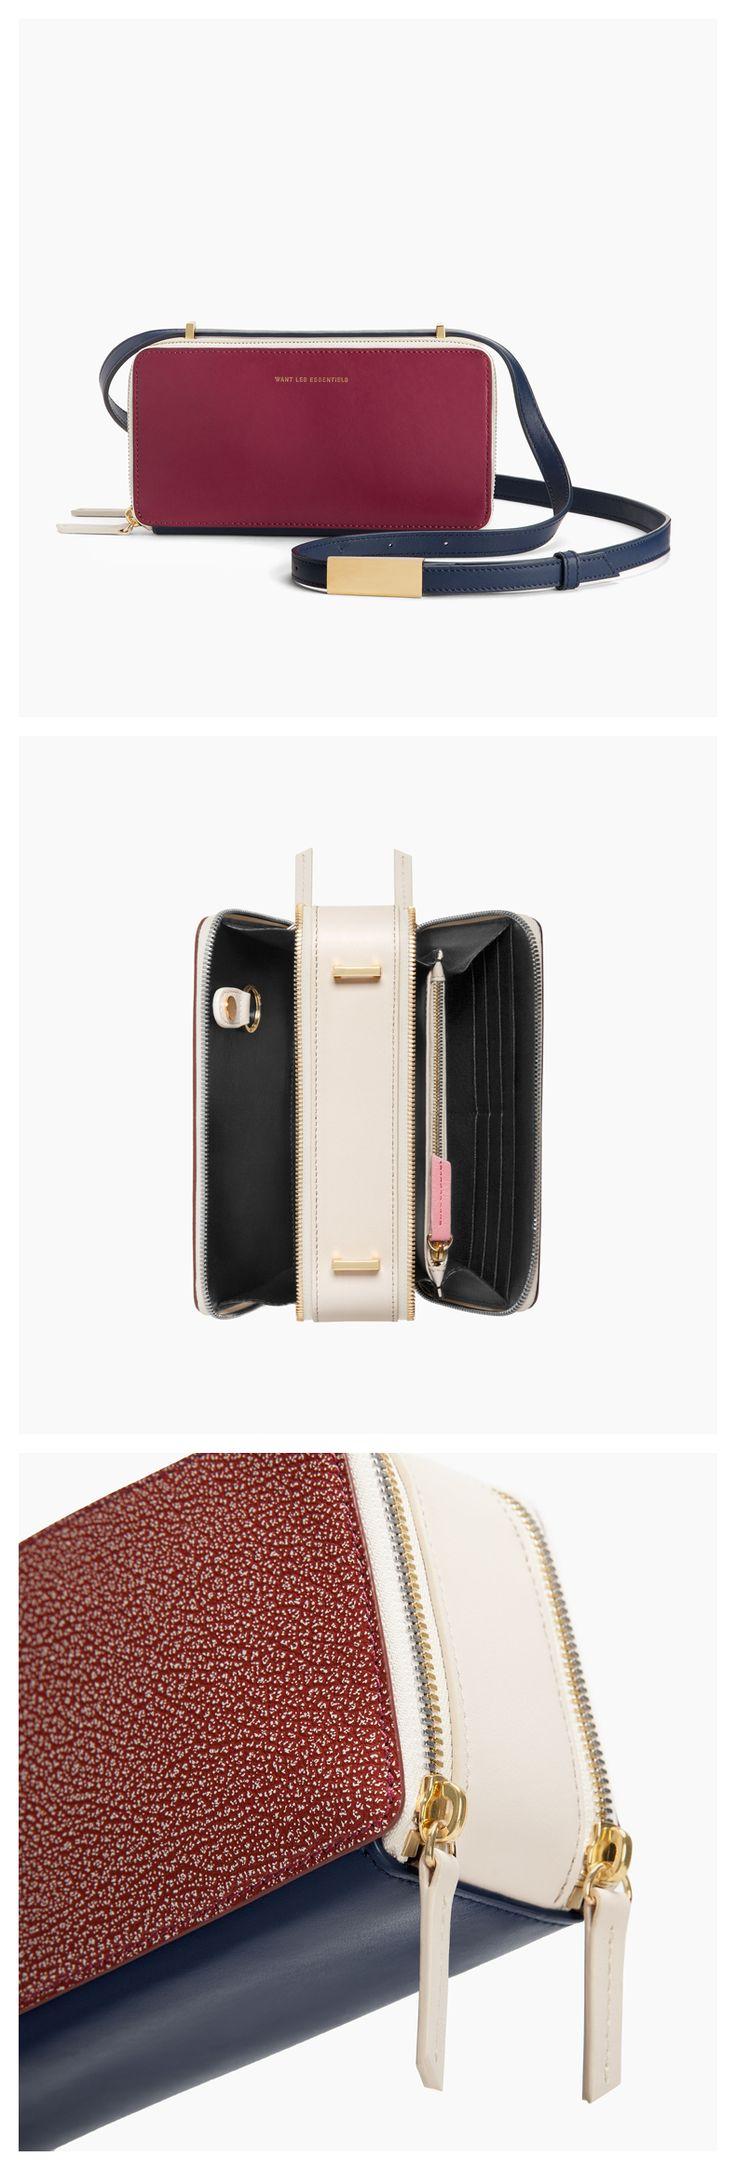 WANT Les Essentiels Demiranda shoulder bag Women's Handbags Wallets - amzn.to/2huZdIM Handbags Wallets - http://amzn.to/2i1nBxm